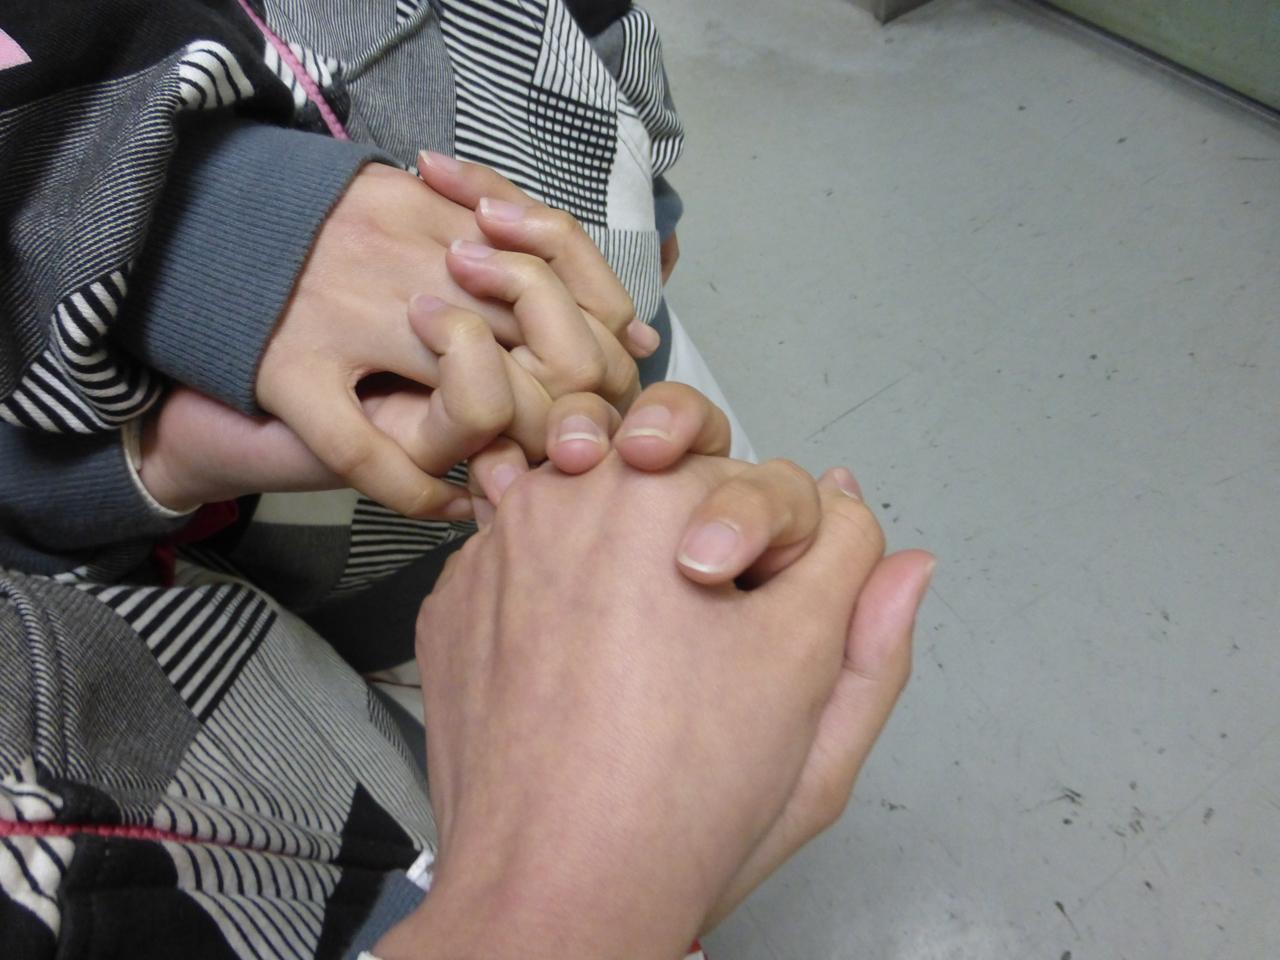 Sebelum event dimulai, mulai tegang, karena itu ada banyak saat dimana para member saling menggenggam tangan. Ayo bergenggaman tangan. (BATTEN SHOW JO TAI)